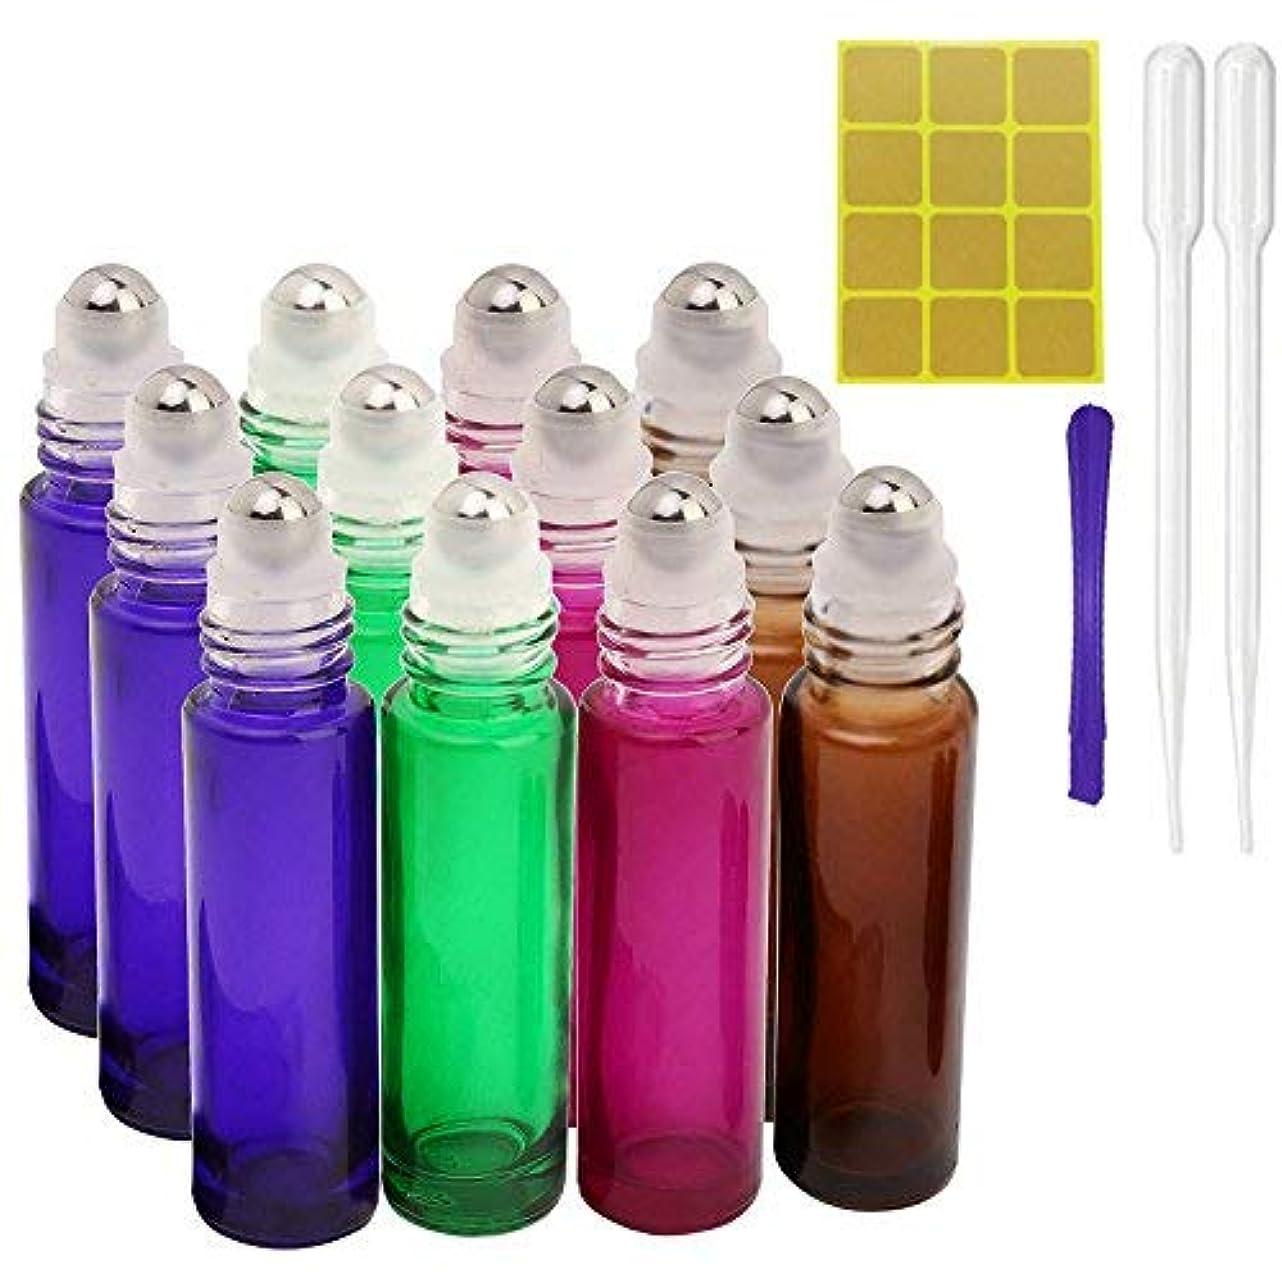 割り込み面積モンスター12, 10ml Roller Bottles for Essential Oils - Glass Refillable Roller on Bottles with 1 Opener, 2 Droppers, 24...